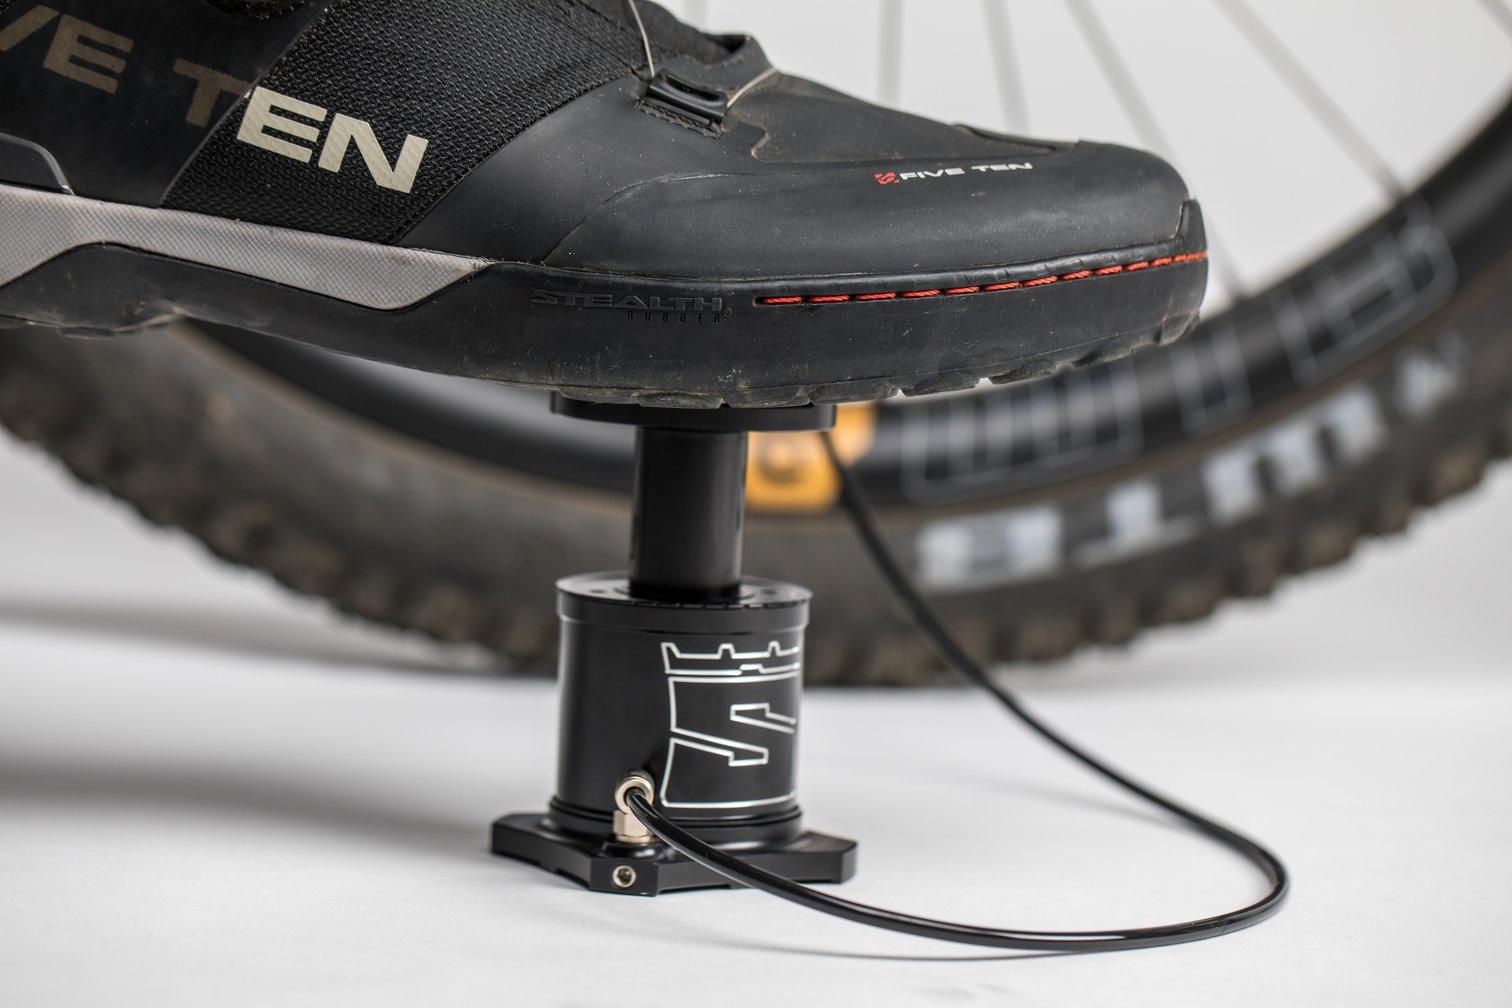 小型高性能フットポンプ STOMPUMP ストンポンプ 空気入れ 自転車